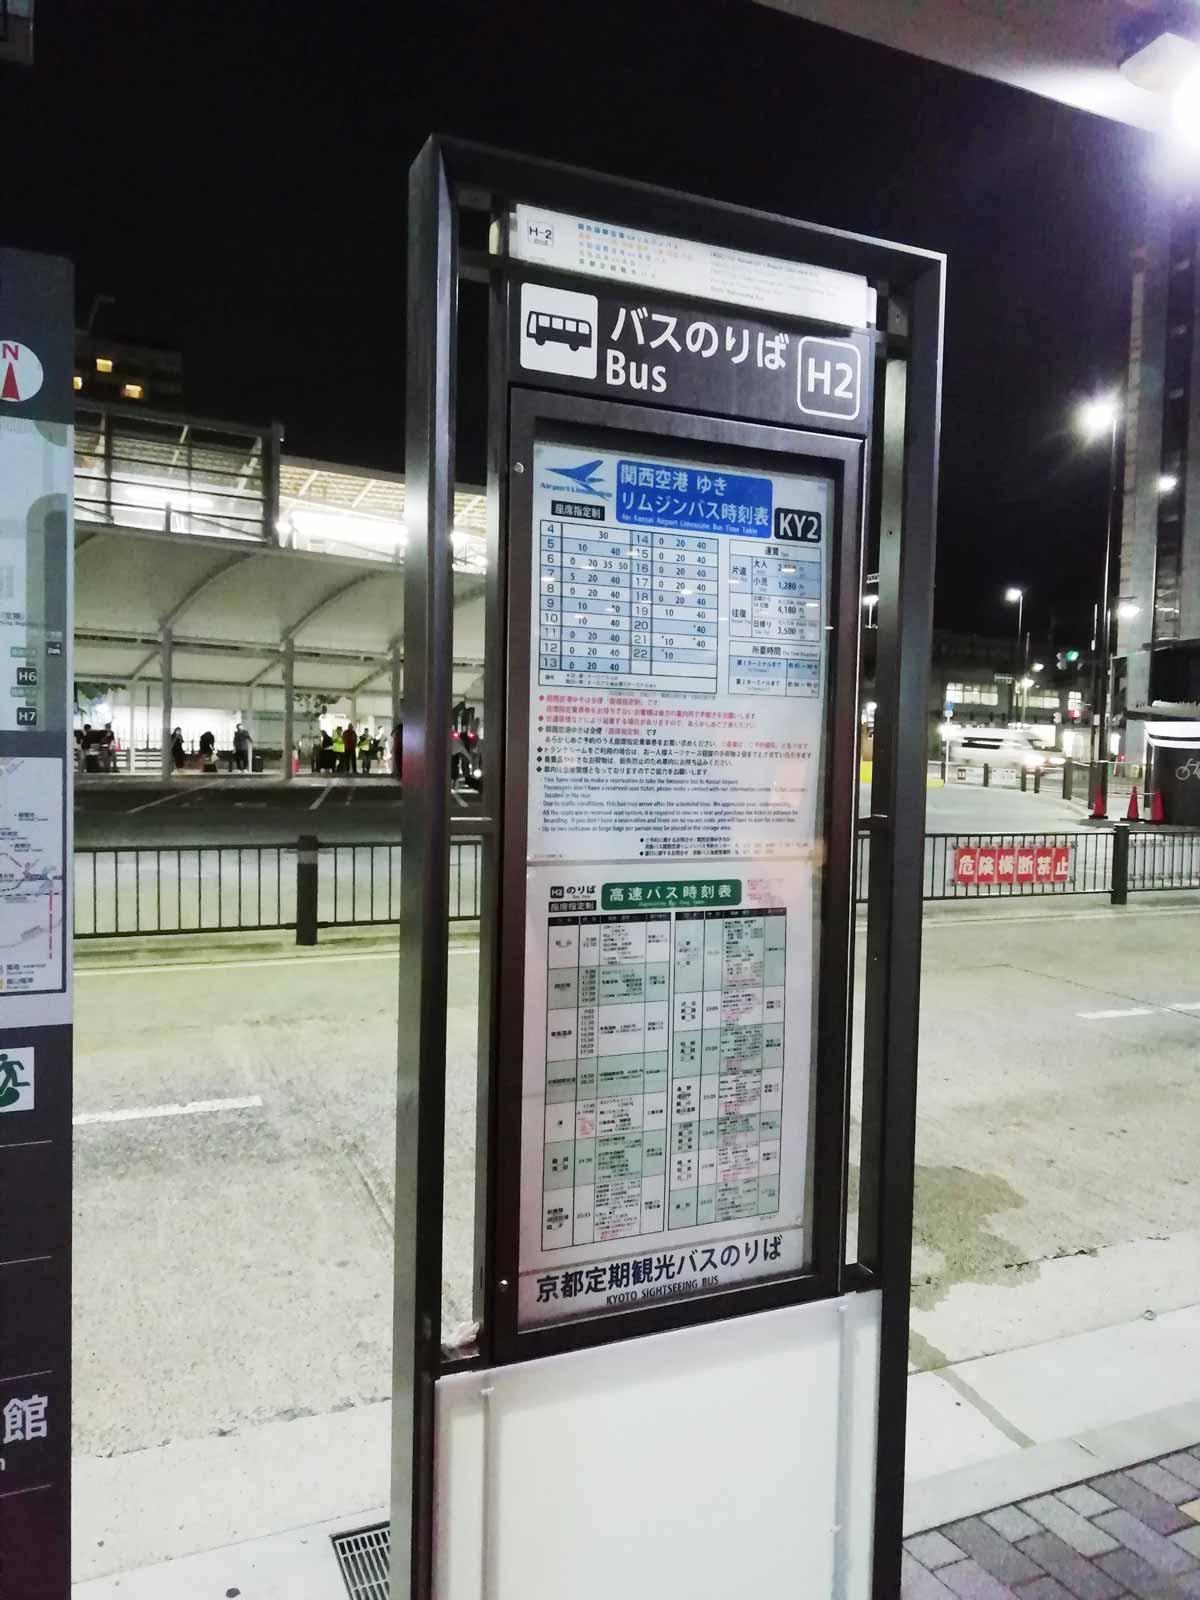 江ノ電バスが発車するH2のりば